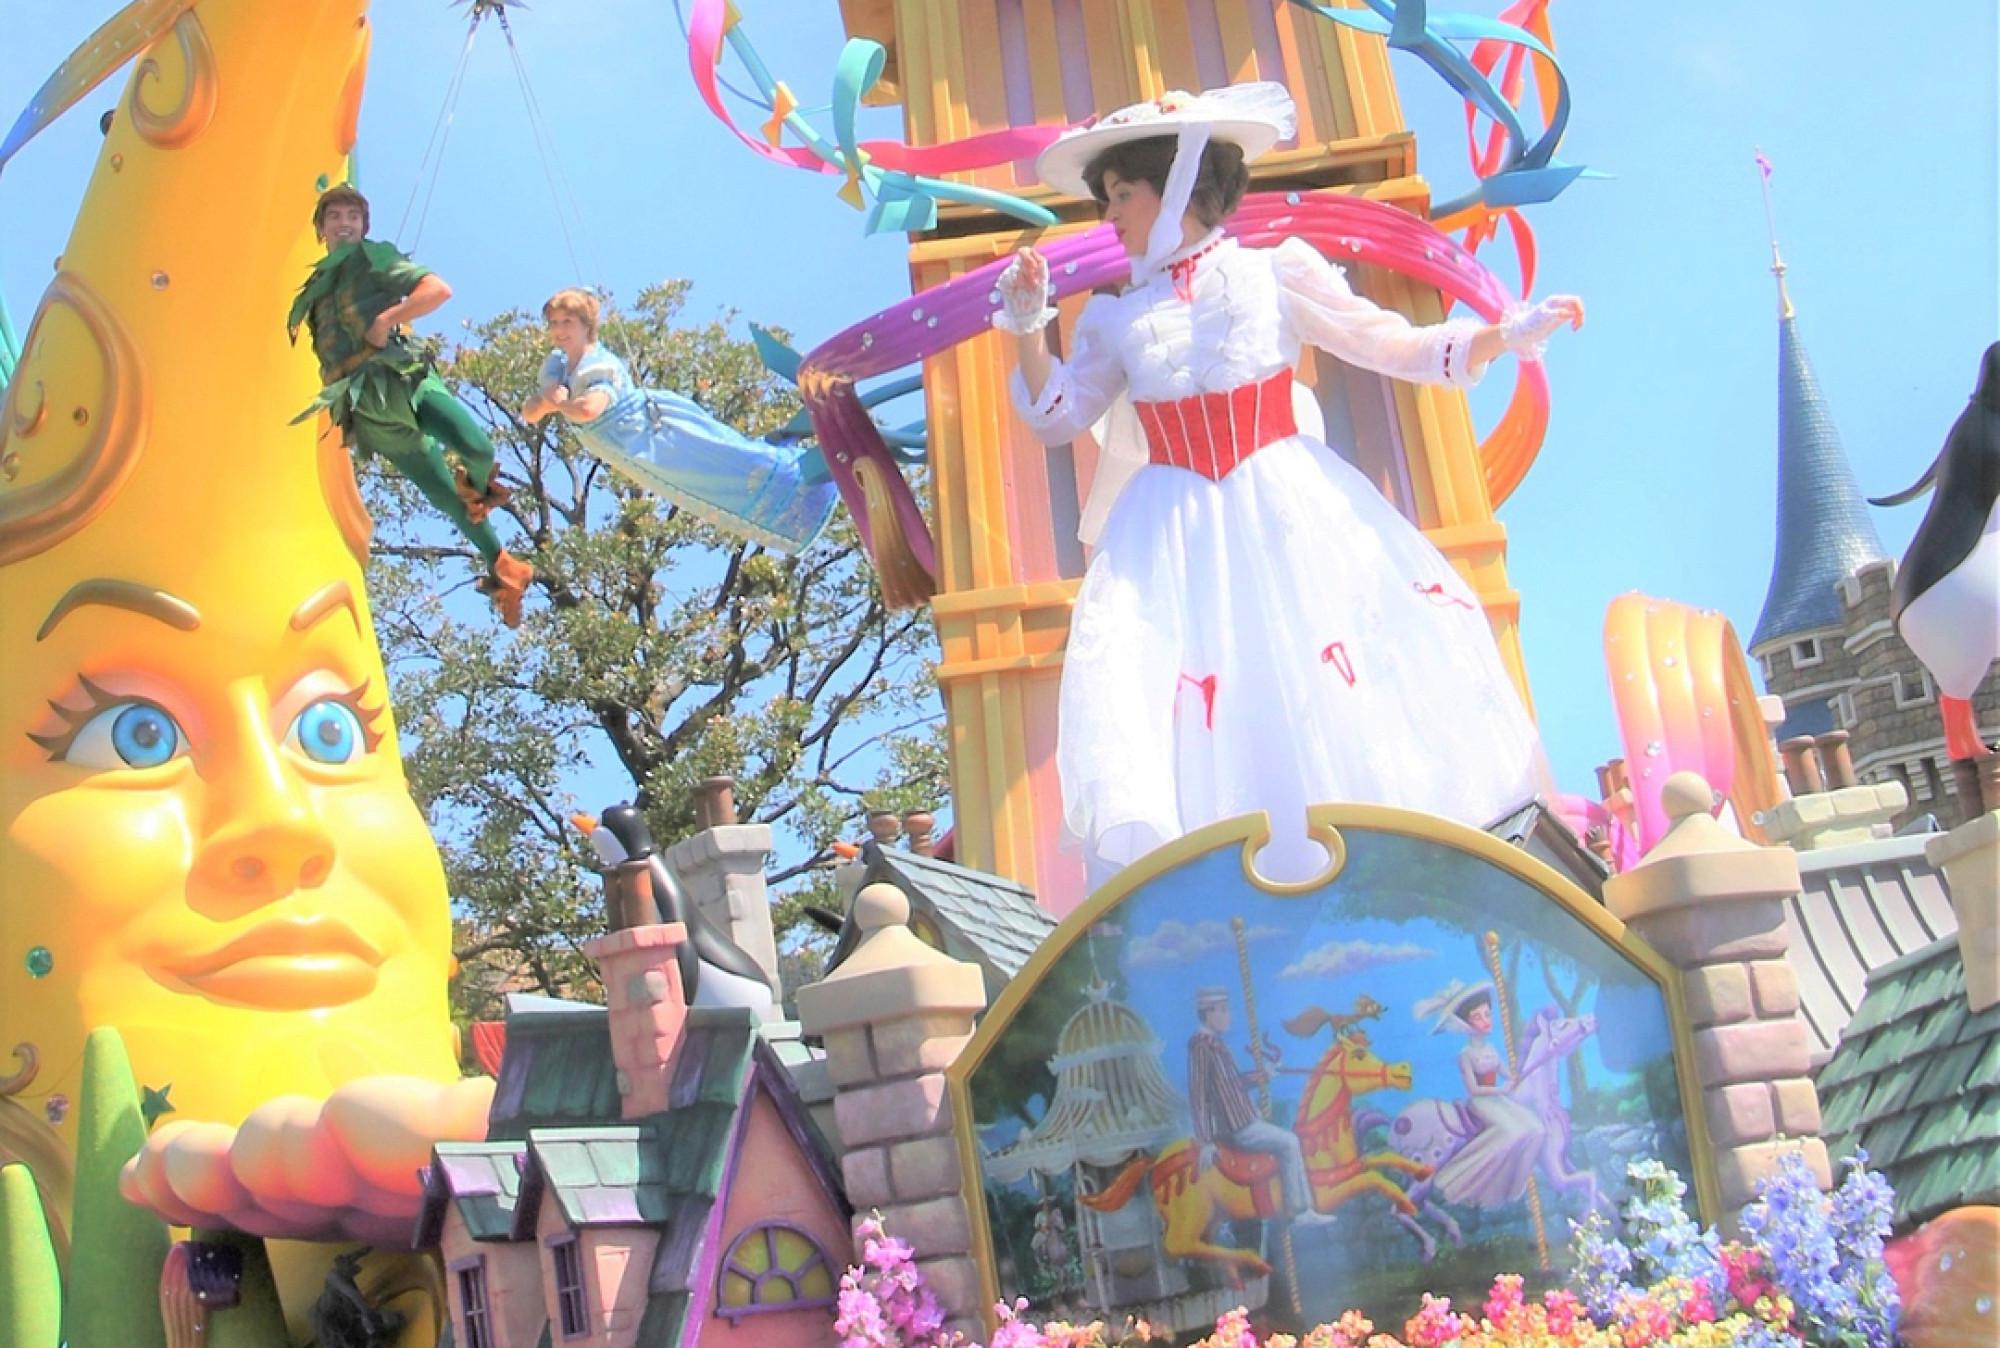 お祝いムードに溢れるディズニーランドの新パレード